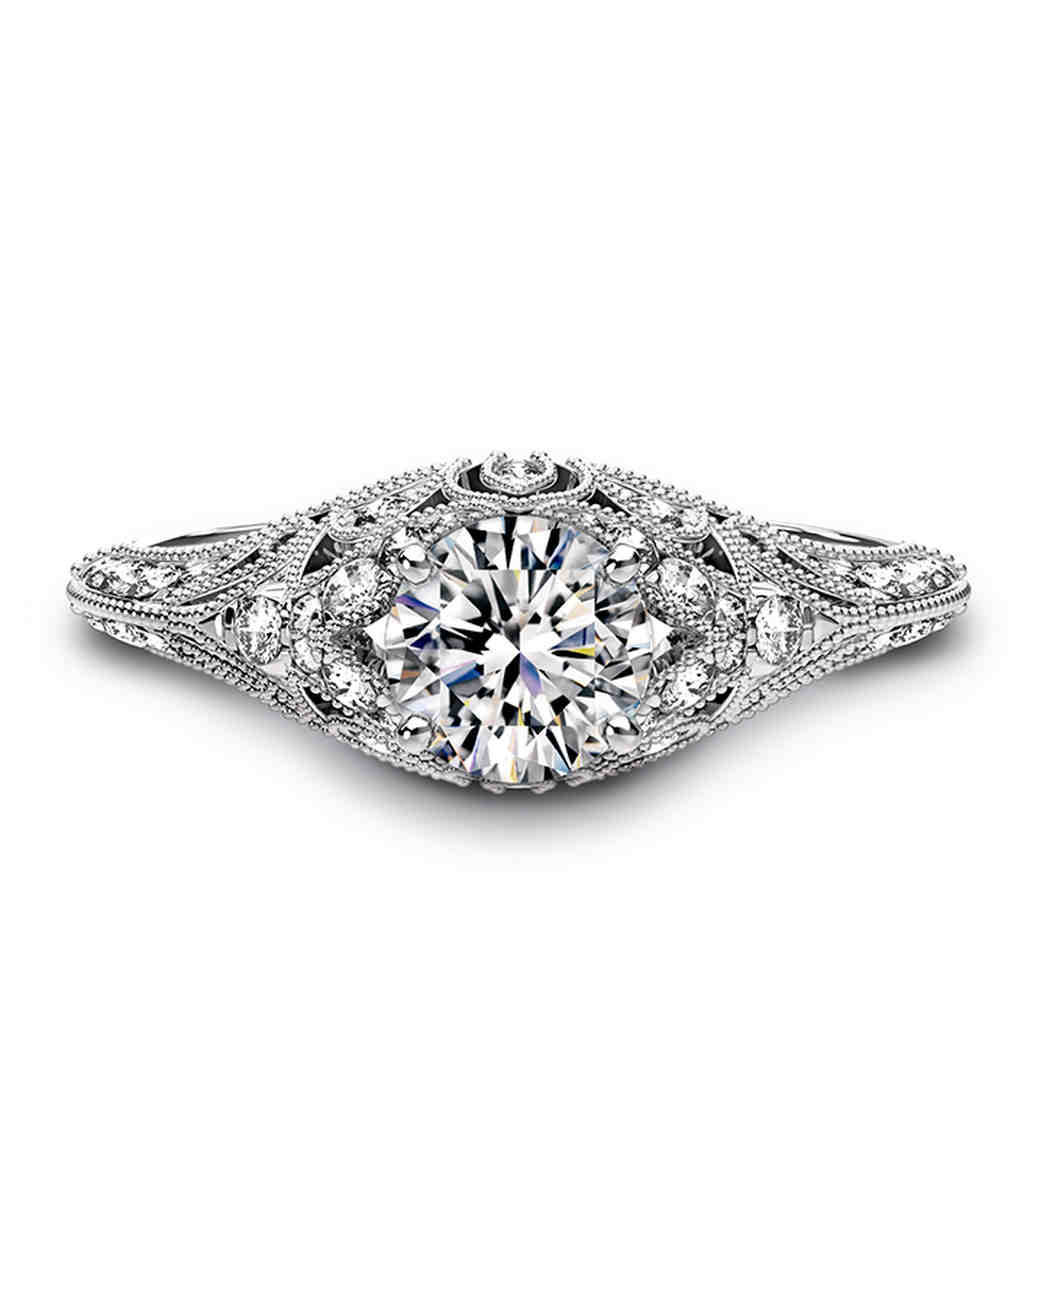 Forevermark by Crossworks vintage-inspired engagement ring